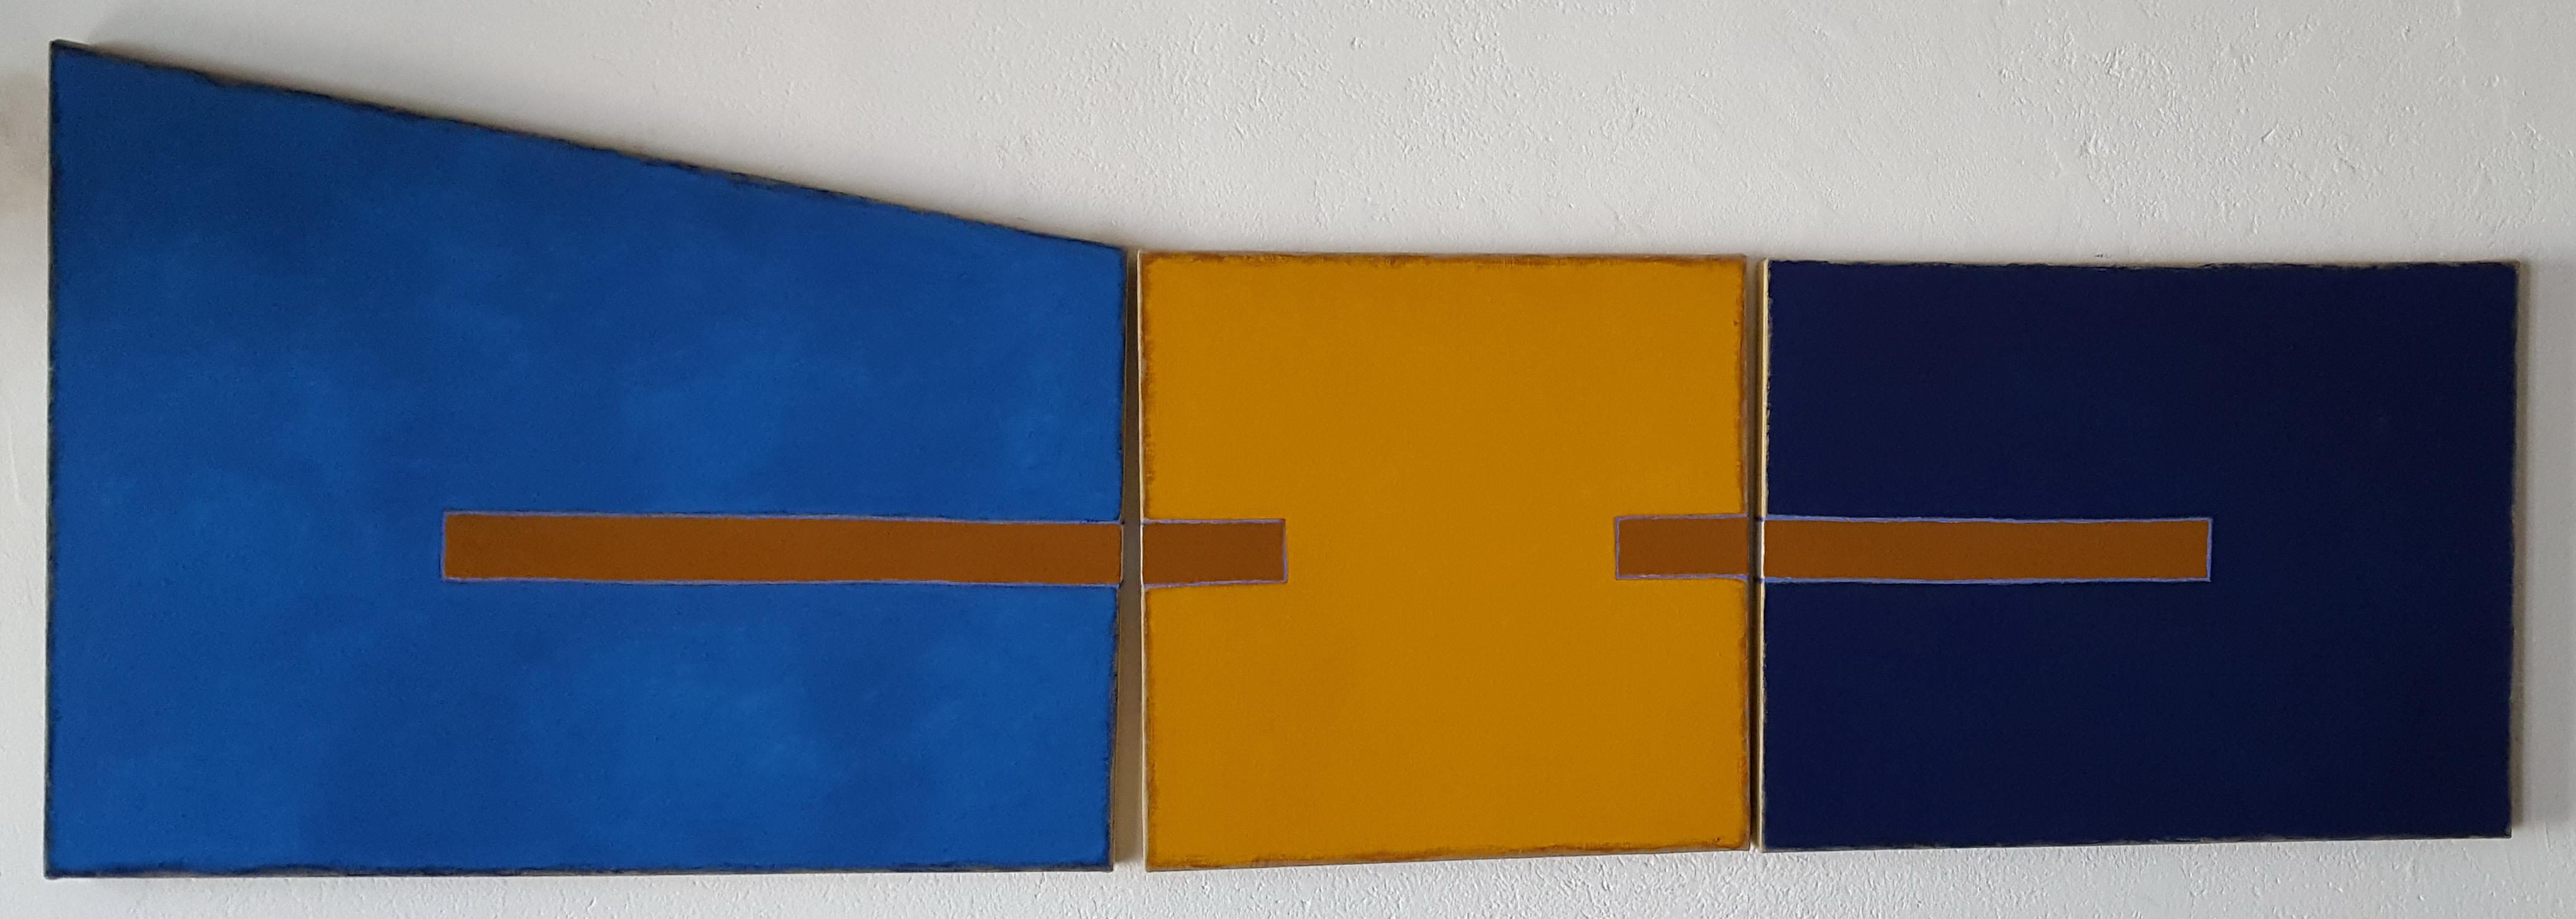 5.2016 - 56 x 176cm